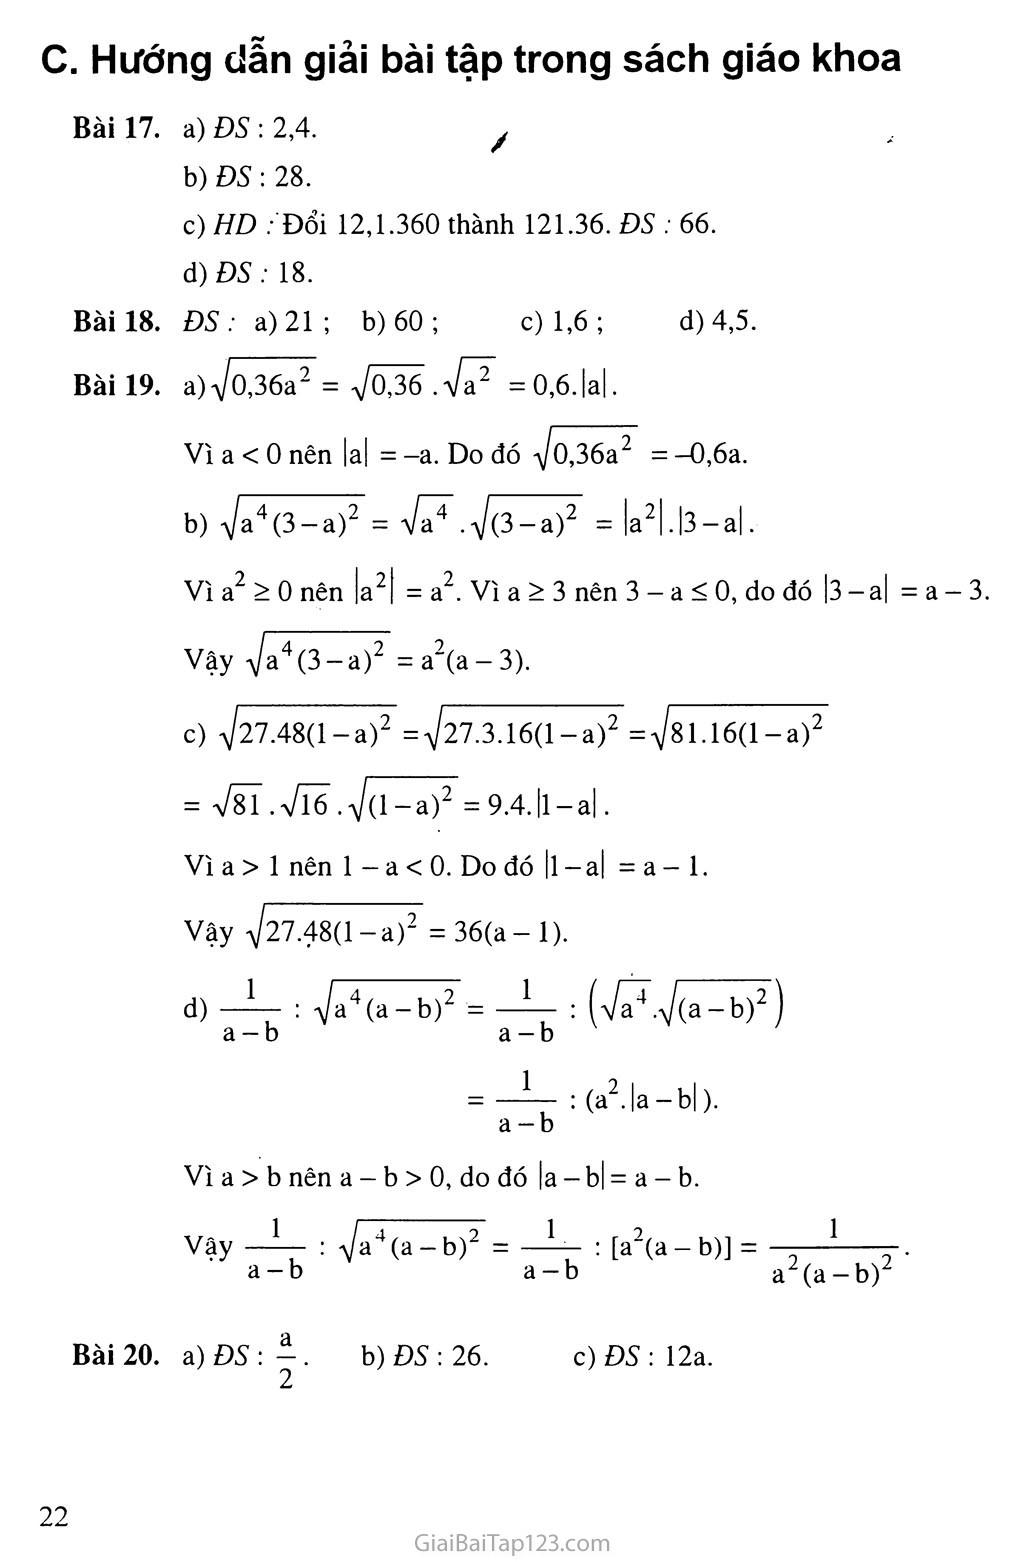 Bài 3.  Liên hệ giữa phép nhân và phép khai phương trang 3